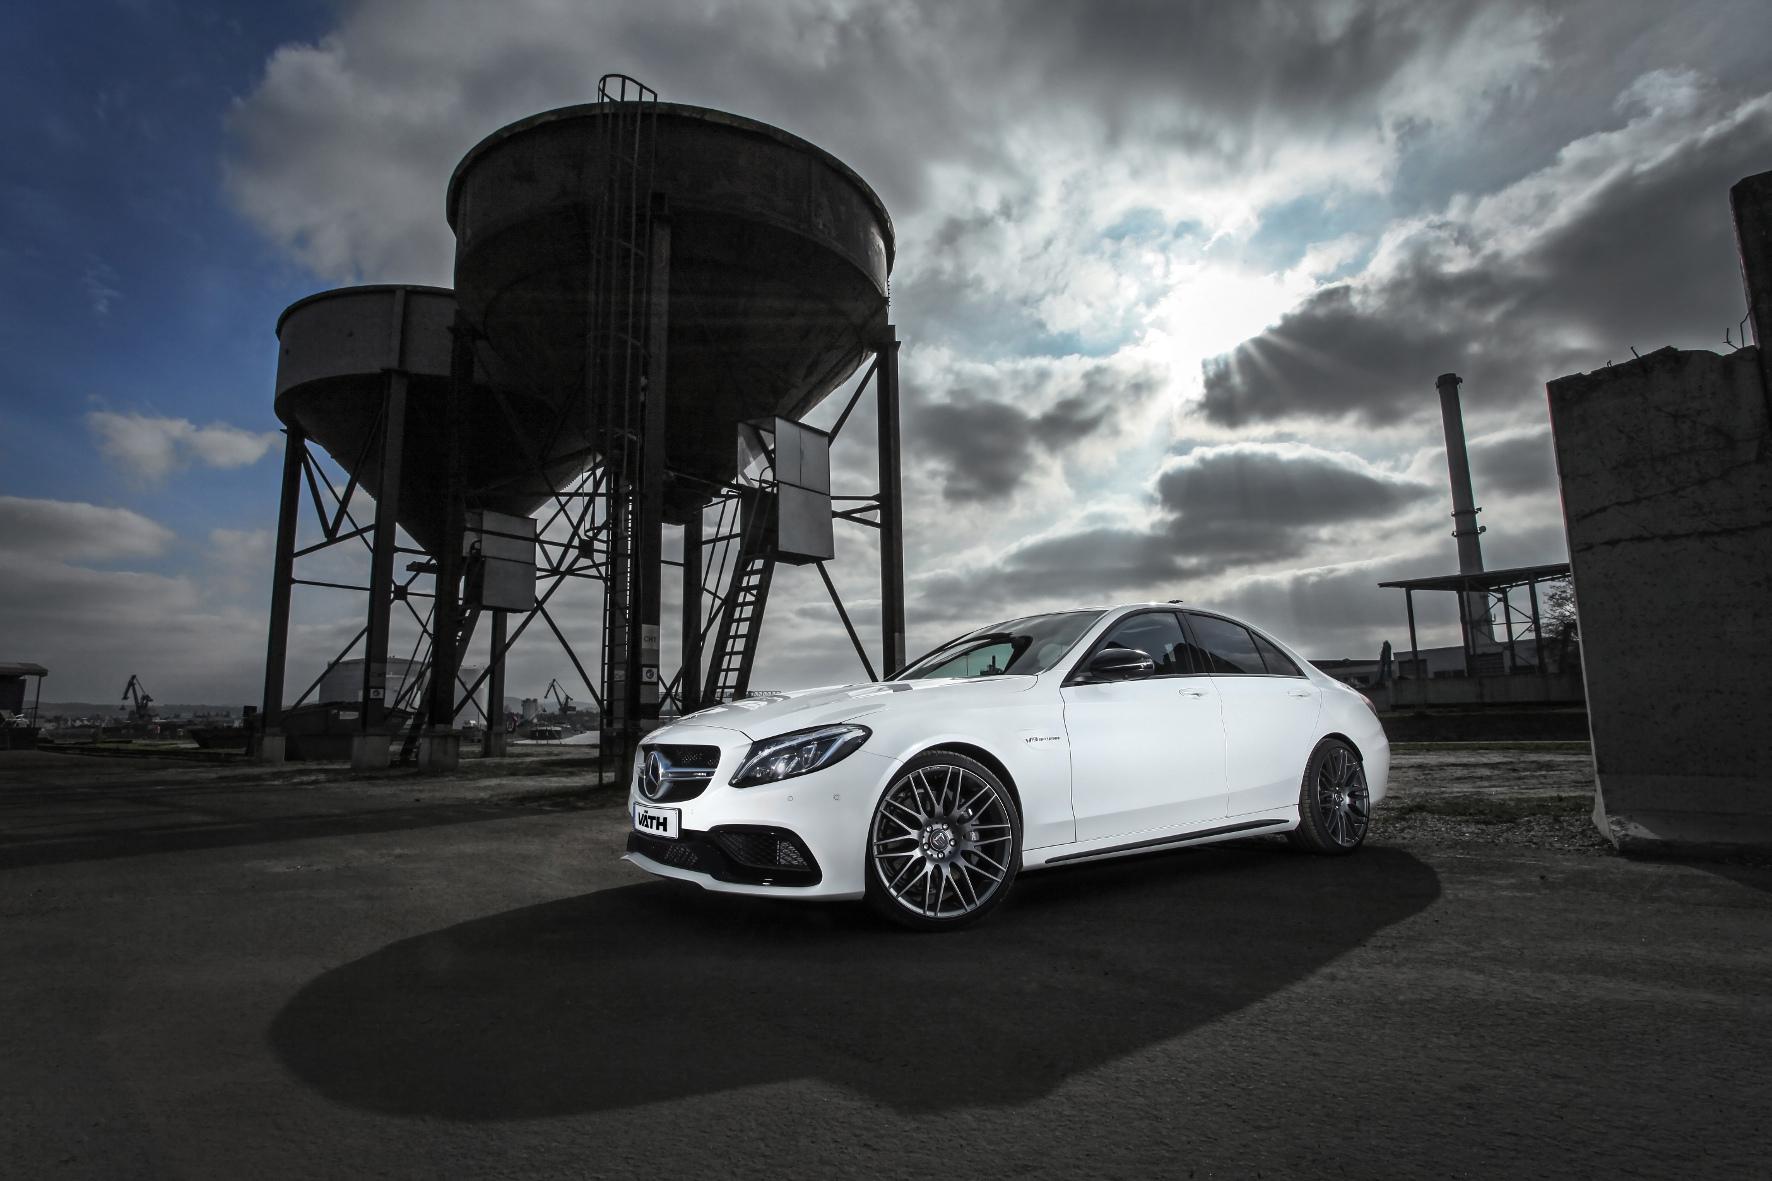 mid Groß-Gerau - Kraftkur für ein AMG-Modell? Aber sicher, denkt sich Tuner Väth und pumpt den V8-Motor des Mercedes C 63 AMG auf bis zu 680 PS auf - ABE-Bescheinigung inklusive.